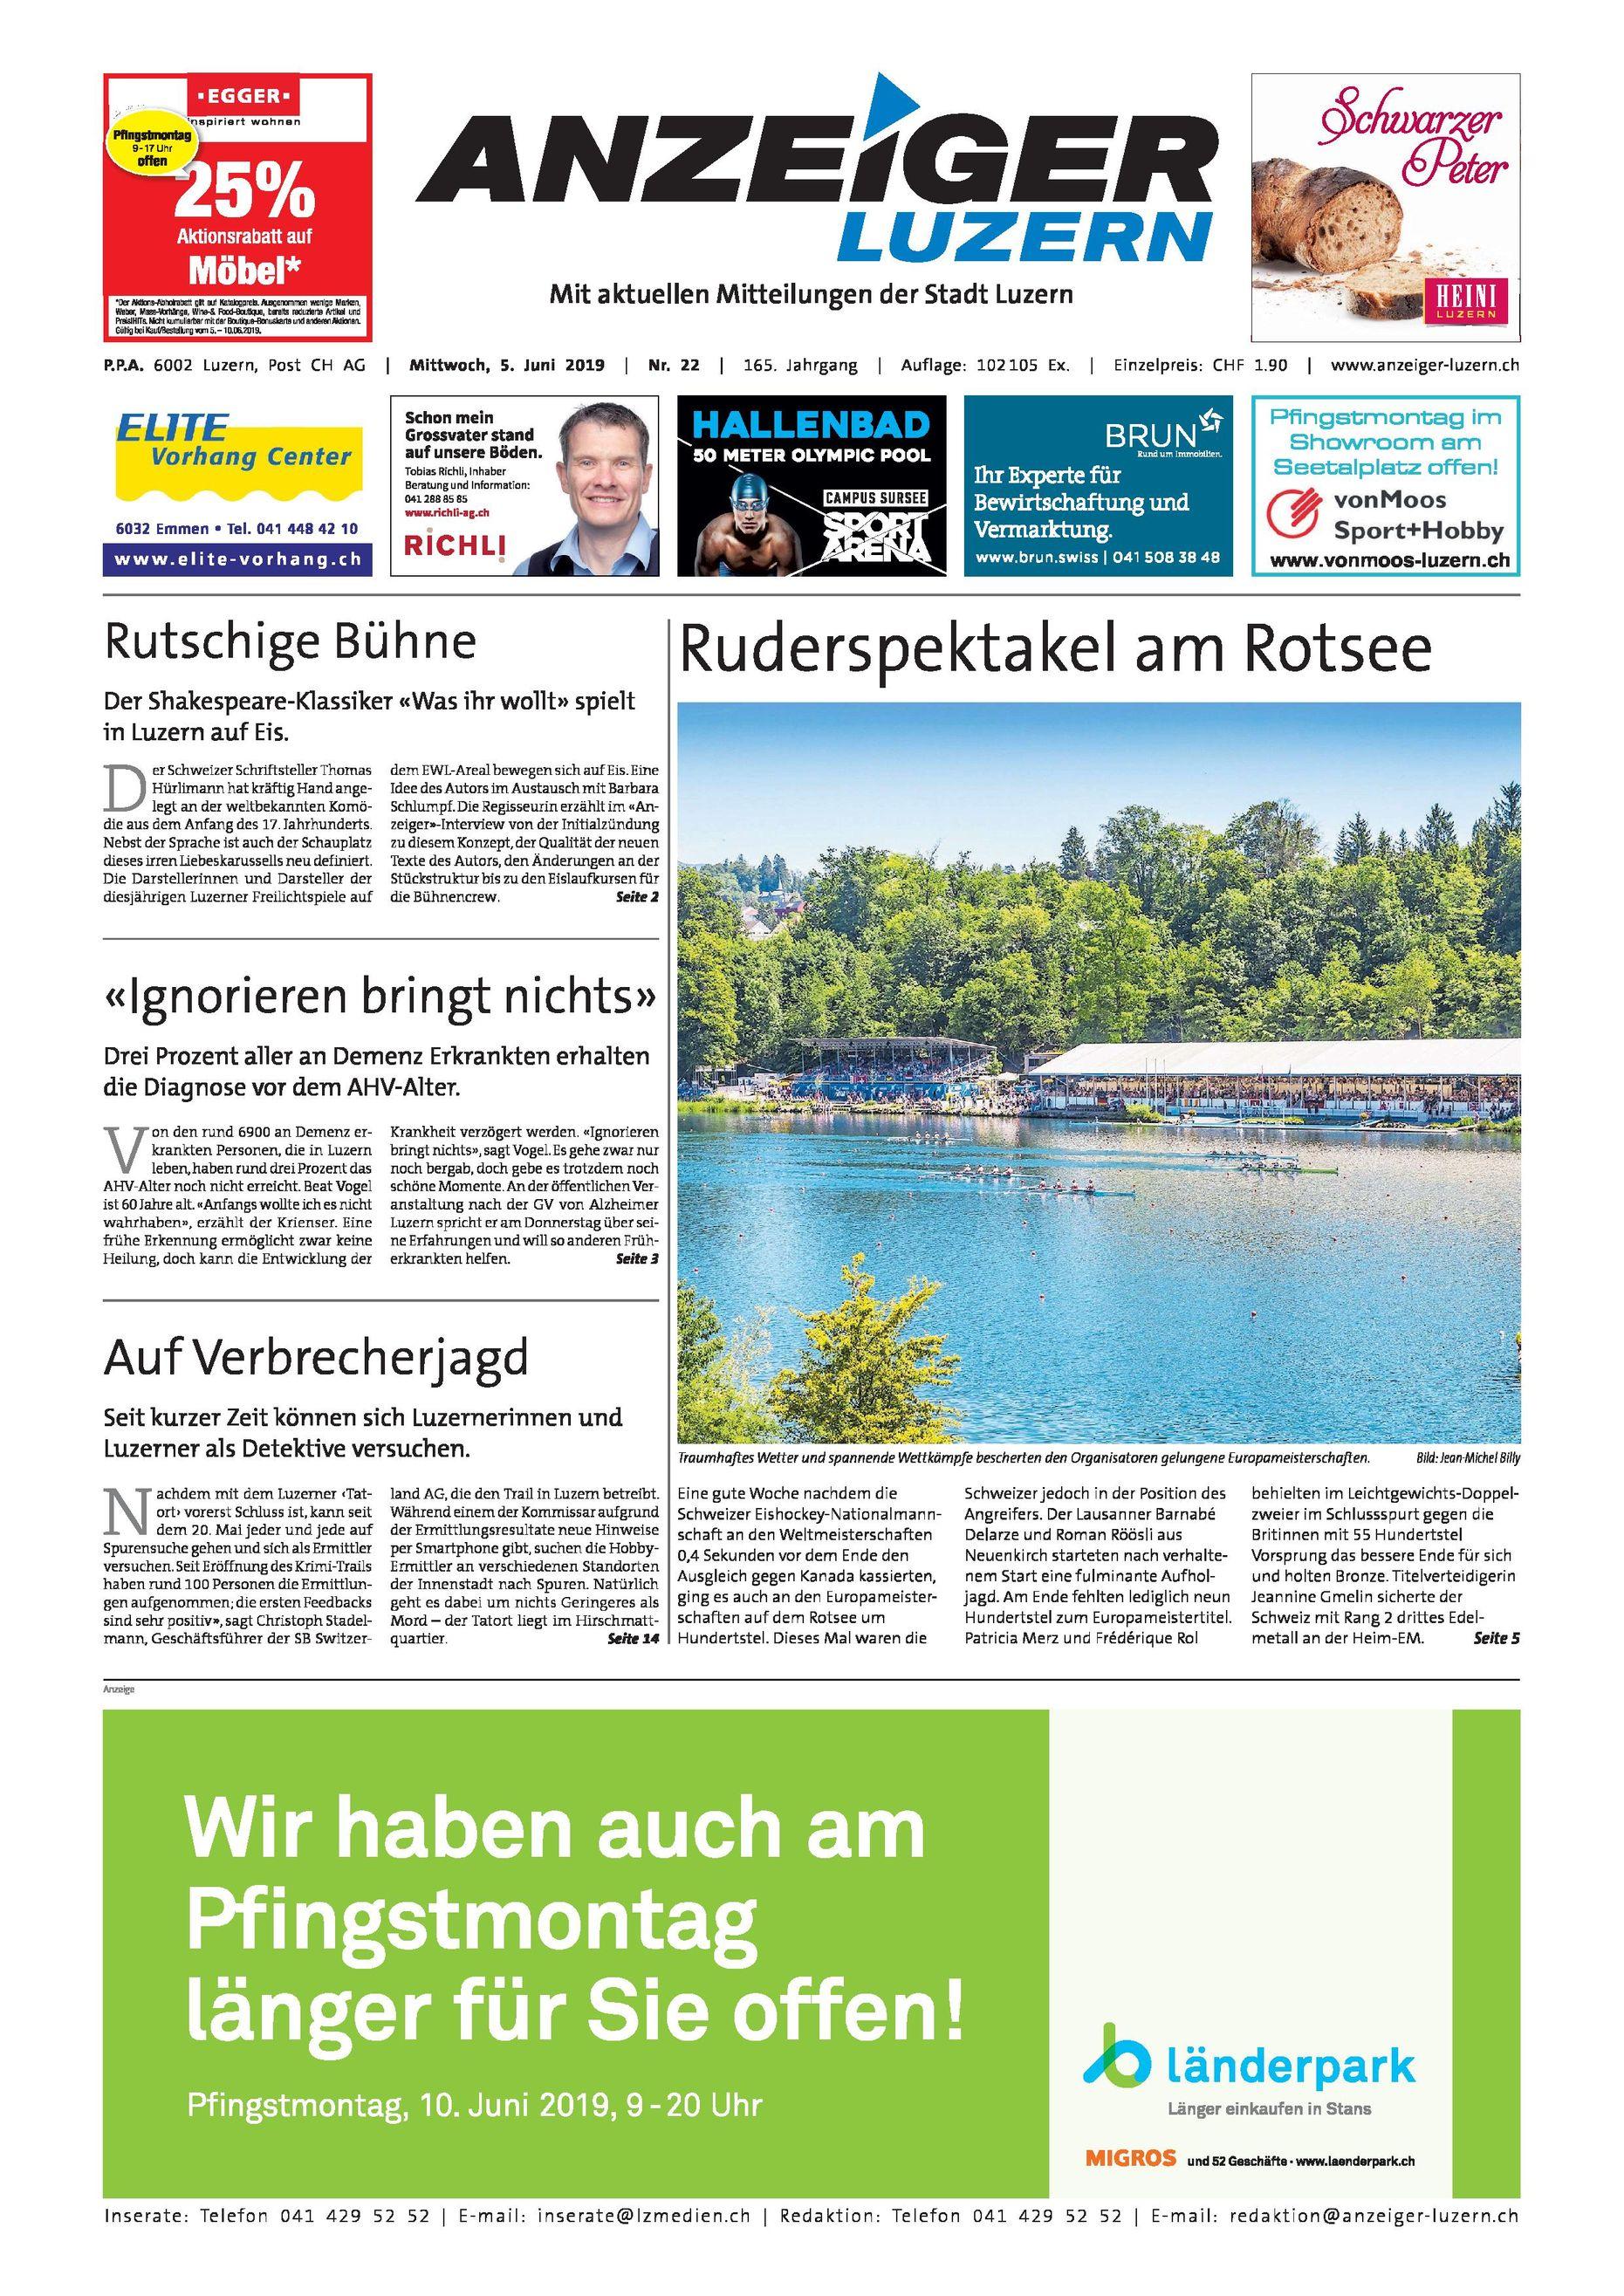 Anzeiger Luzern June 2019